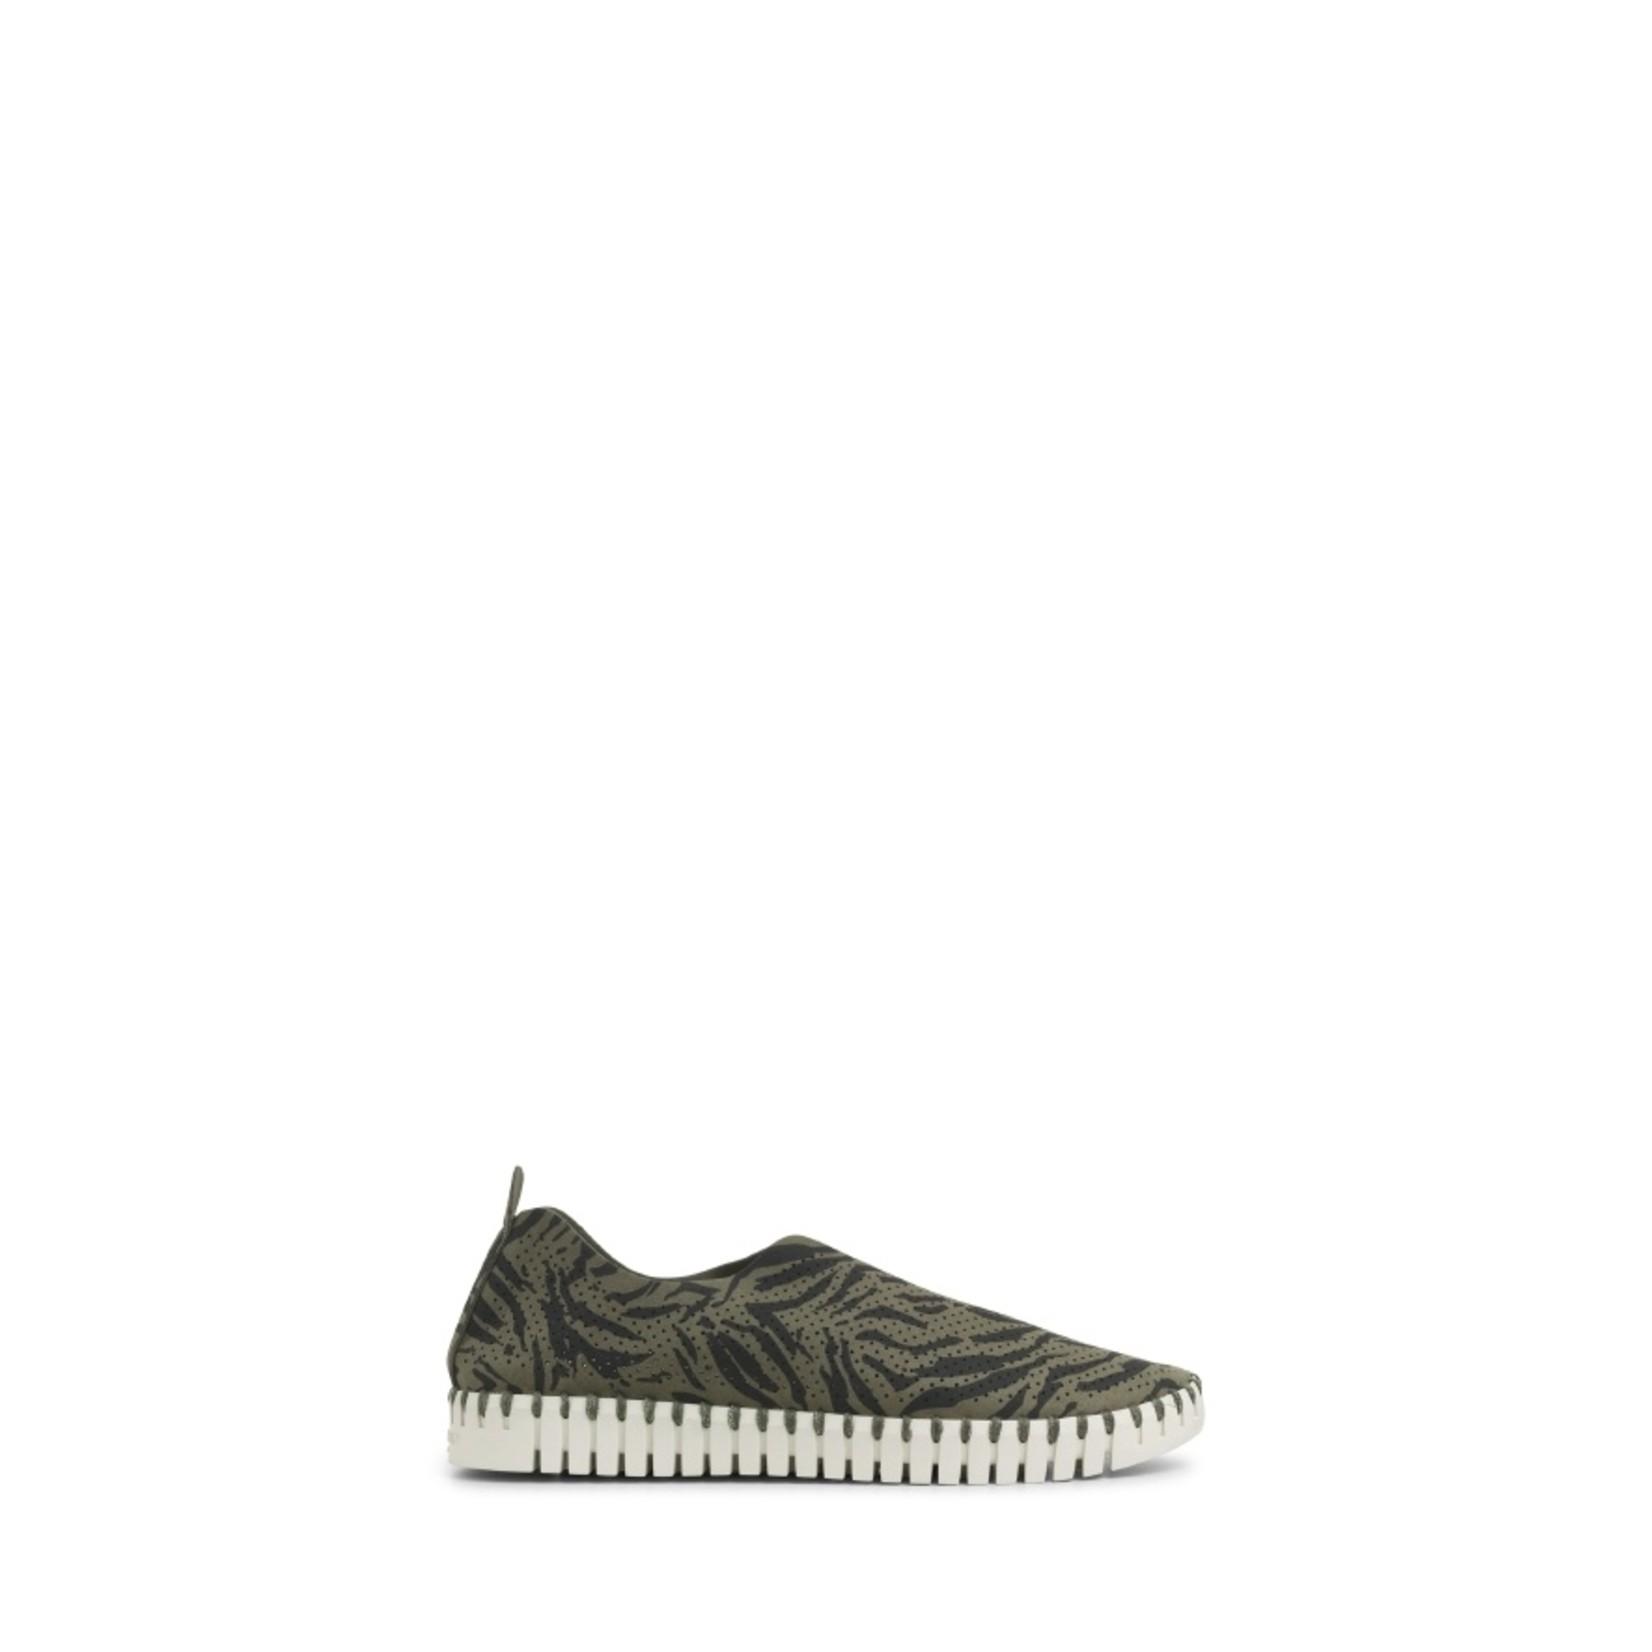 Ilse Jacobsen Zebra Tulip Perforated Slip-On Sneaker